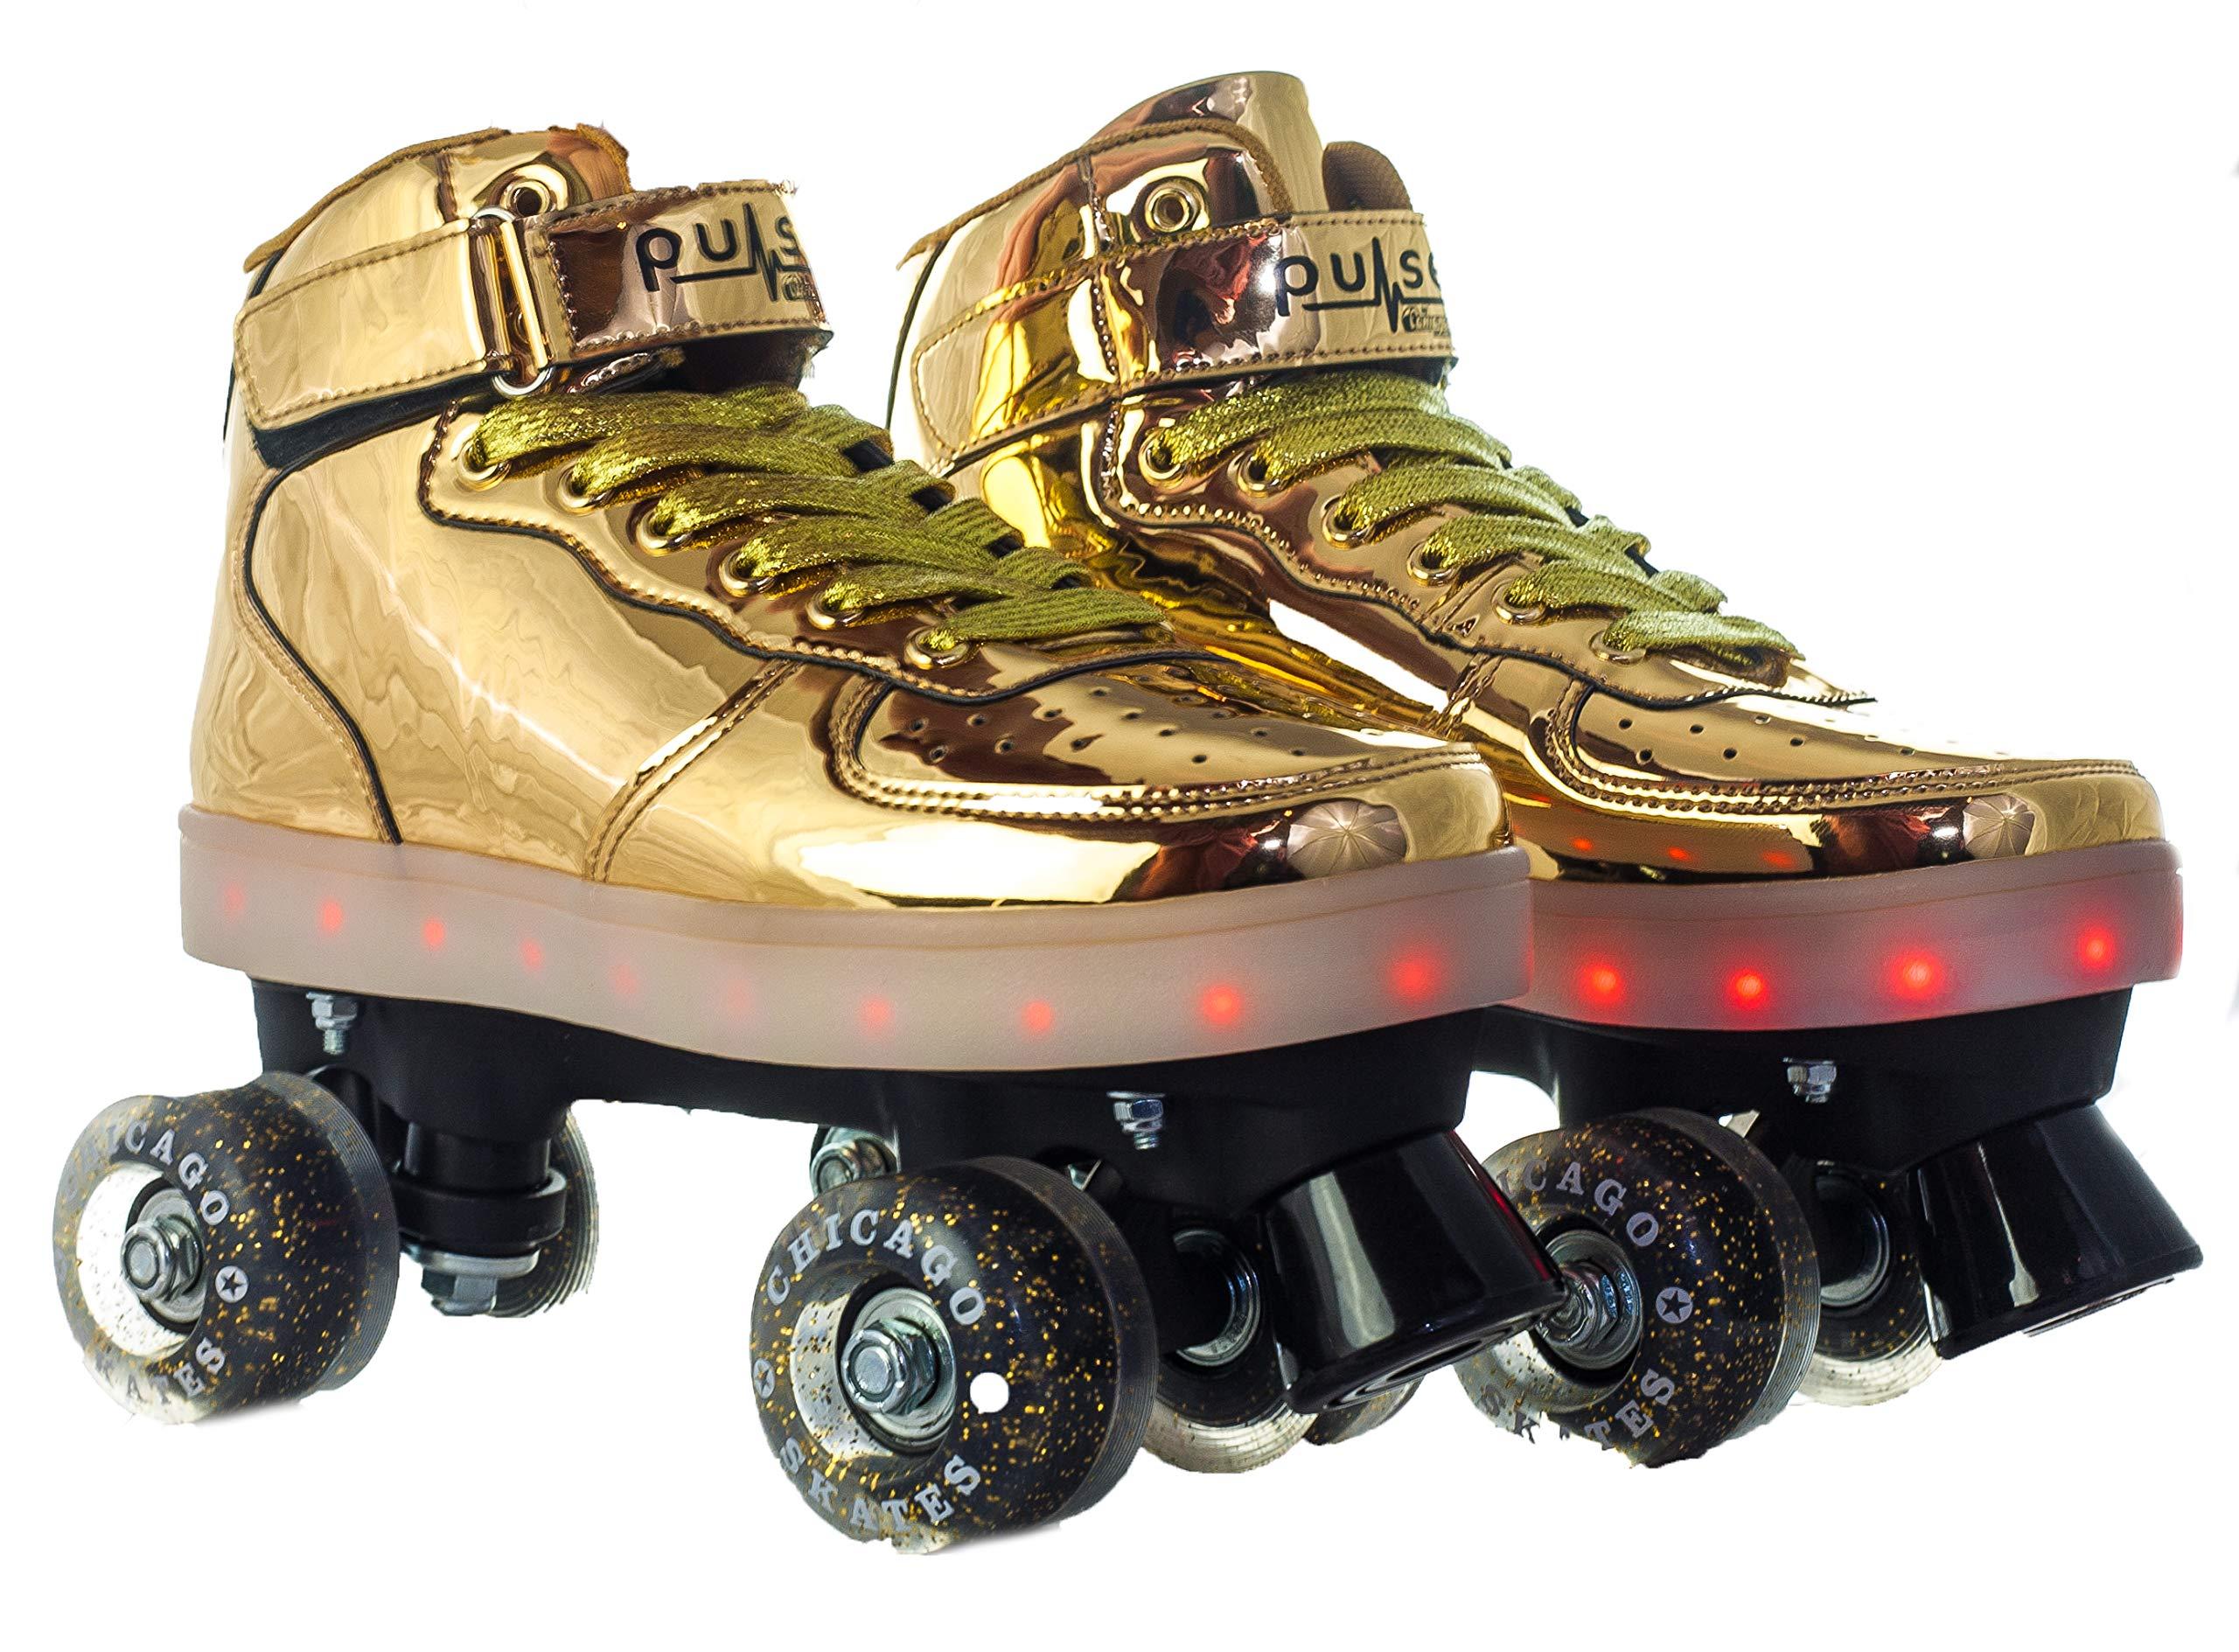 Pulse Skates Roller Skates Gold Size 5